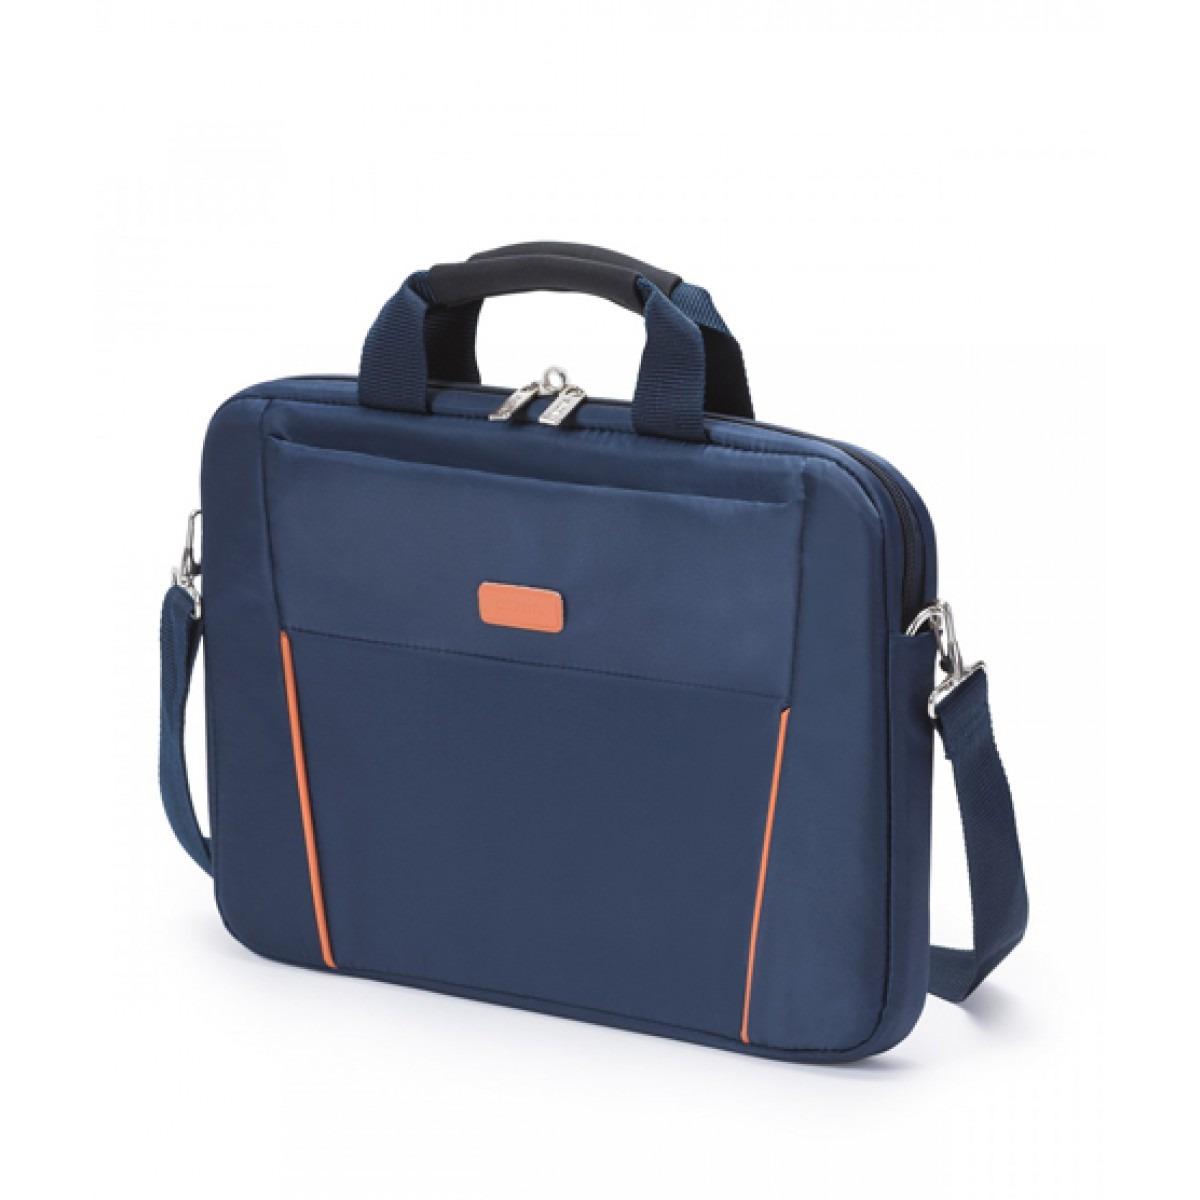 کیف لپ تاپ مدل Slim Case مناسب برای لپ تاپ ۱۳ اینچی